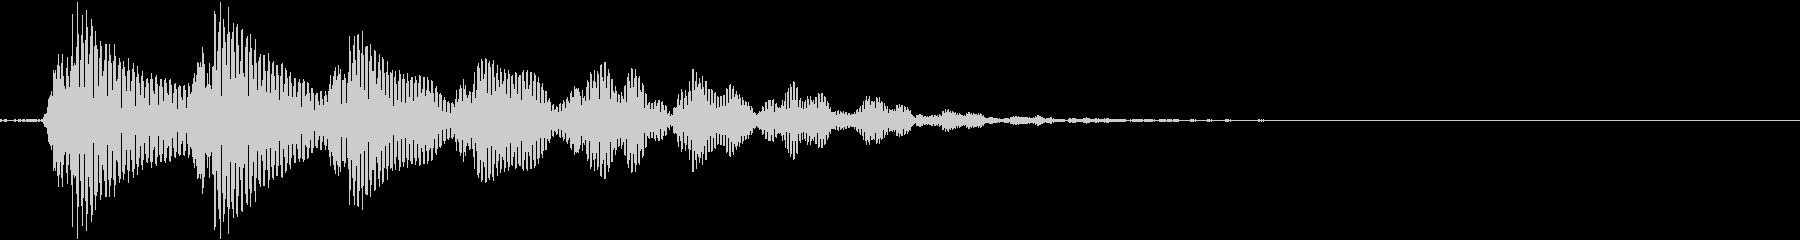 トゥルリン(上昇音 パズル コミカル)の未再生の波形